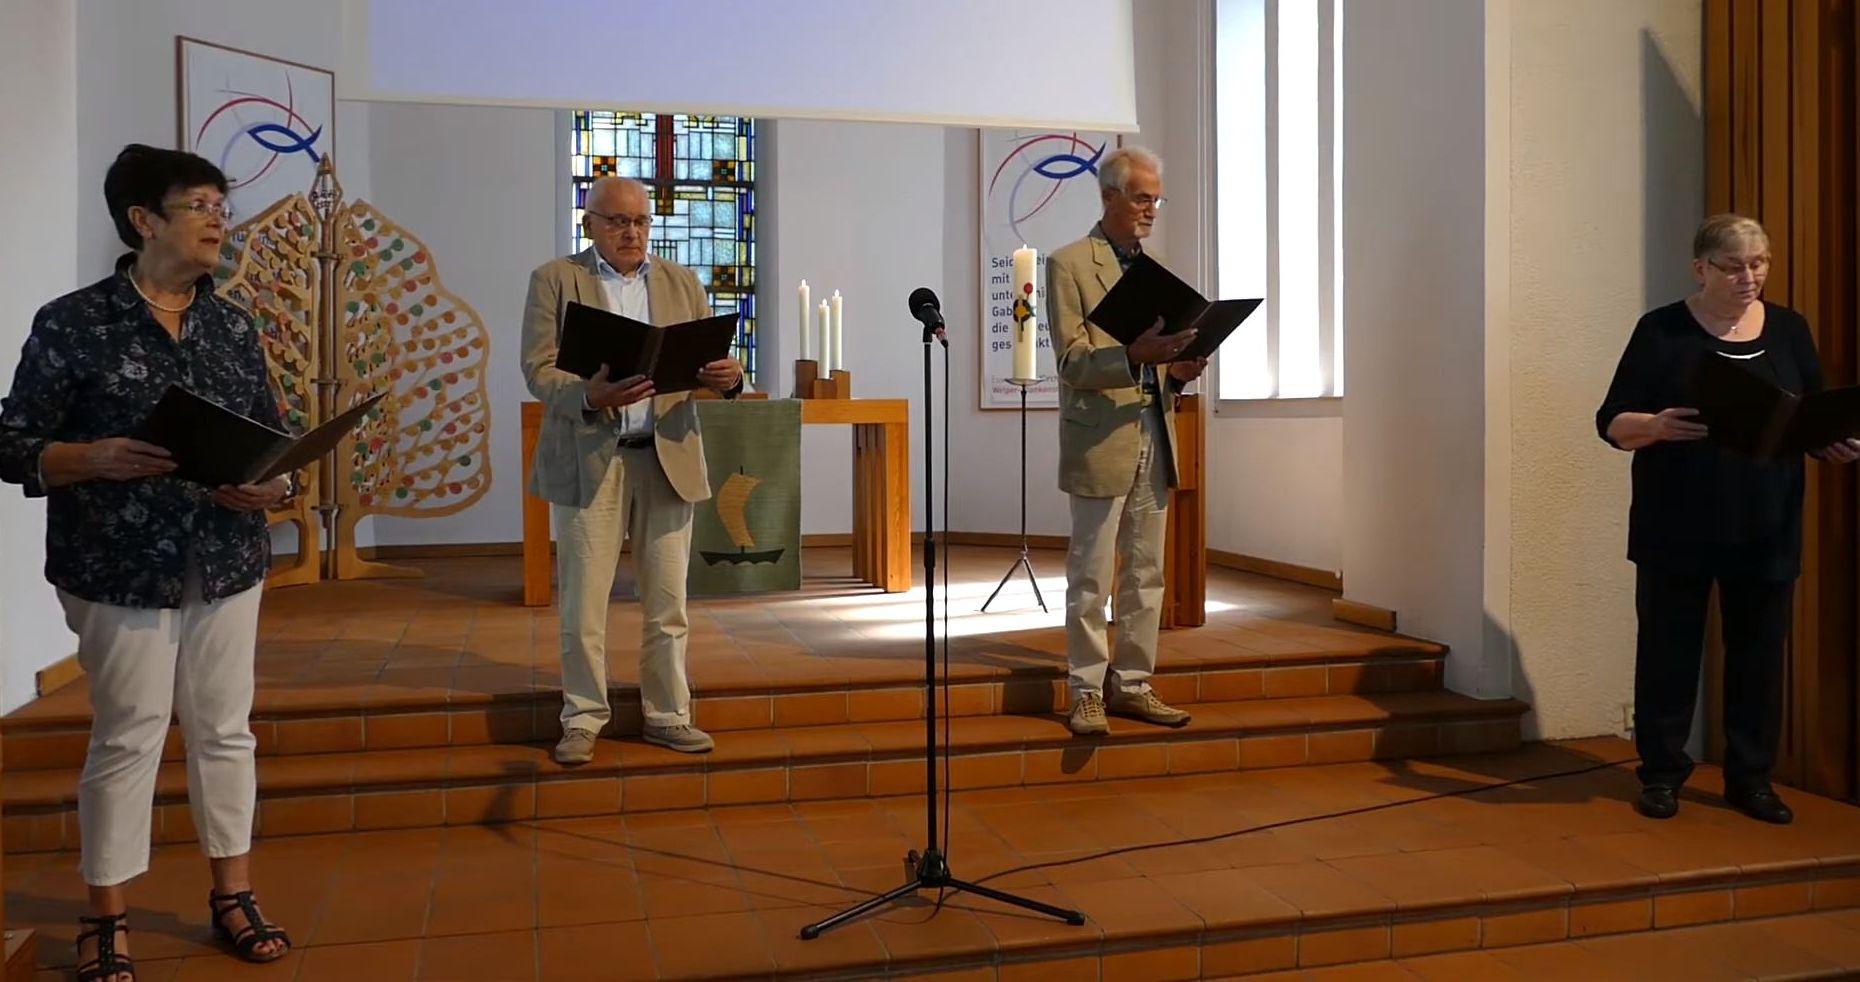 Unser Sonntag: 21.06.2020 – Ein Gruß zum 2. Sonntag nach dem Trinitatis-Fest